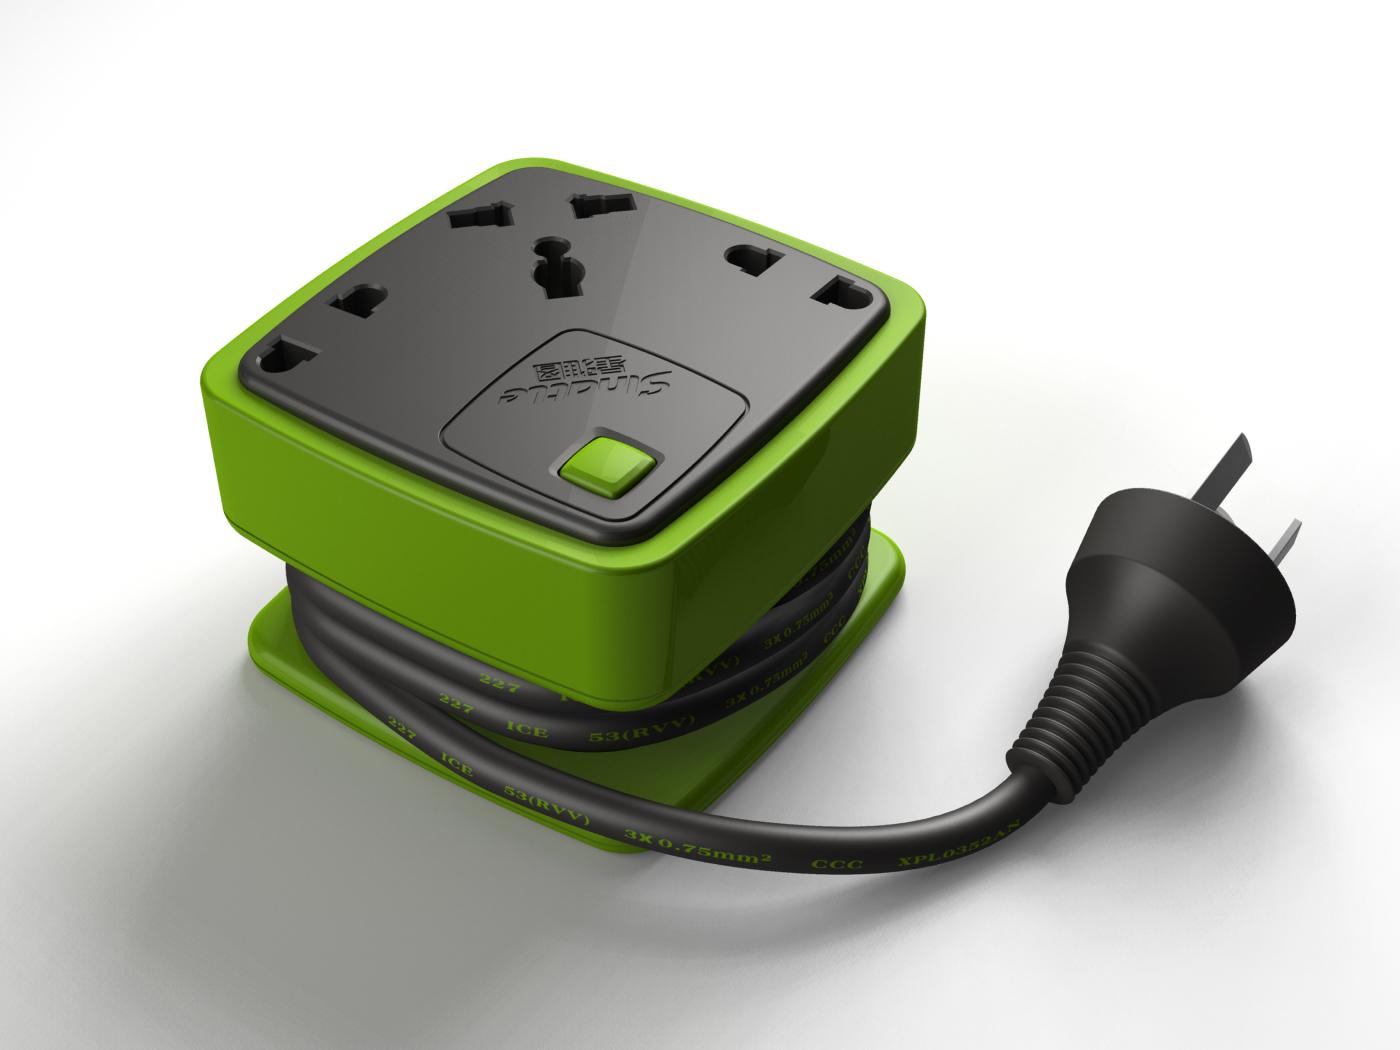 插座设计/电器外观设计